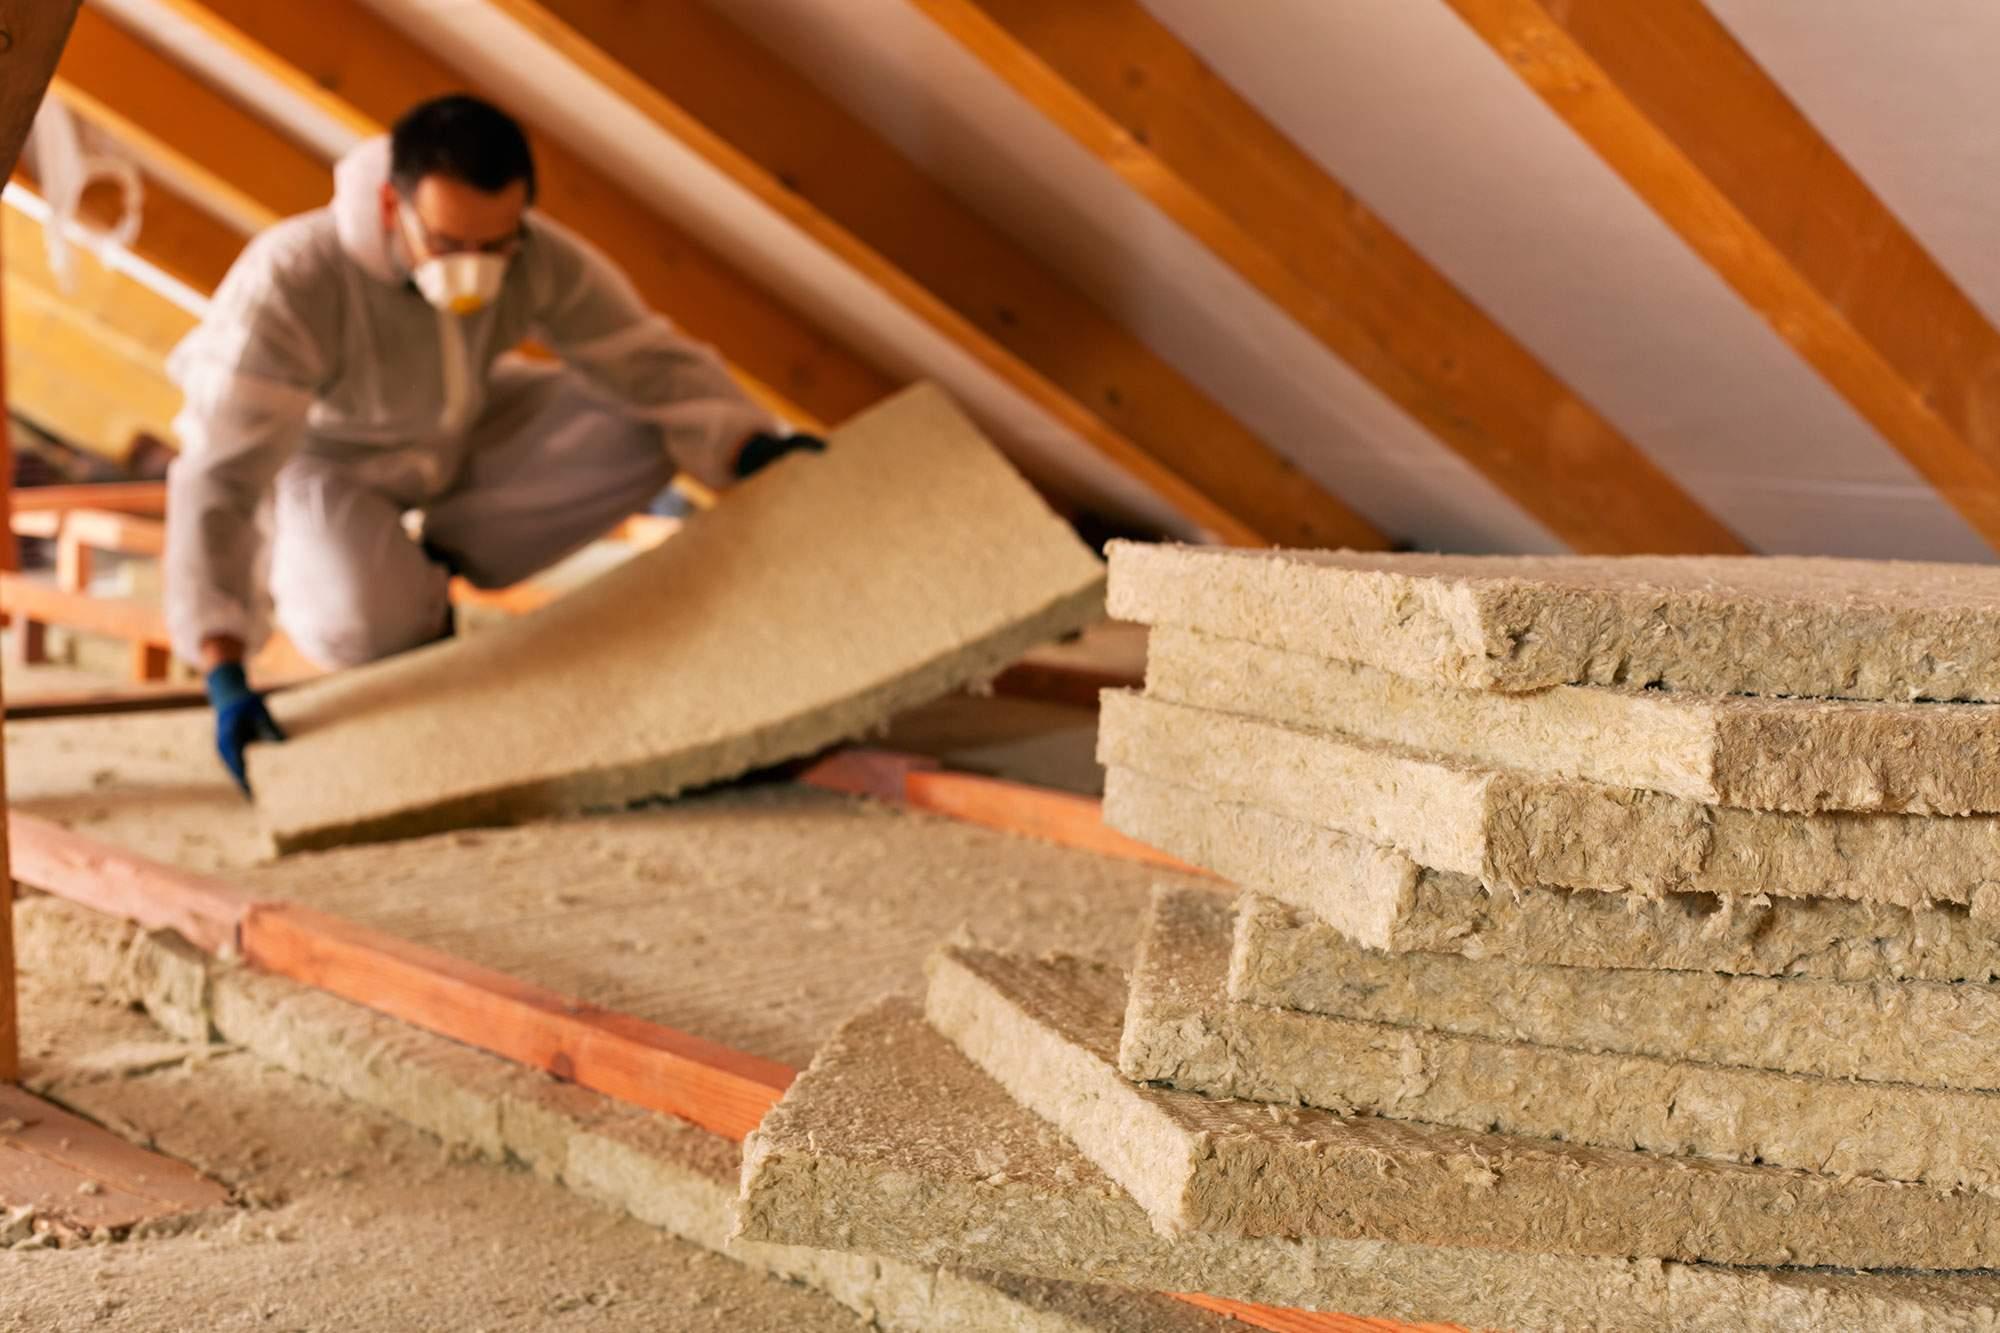 Man installing loft insulation